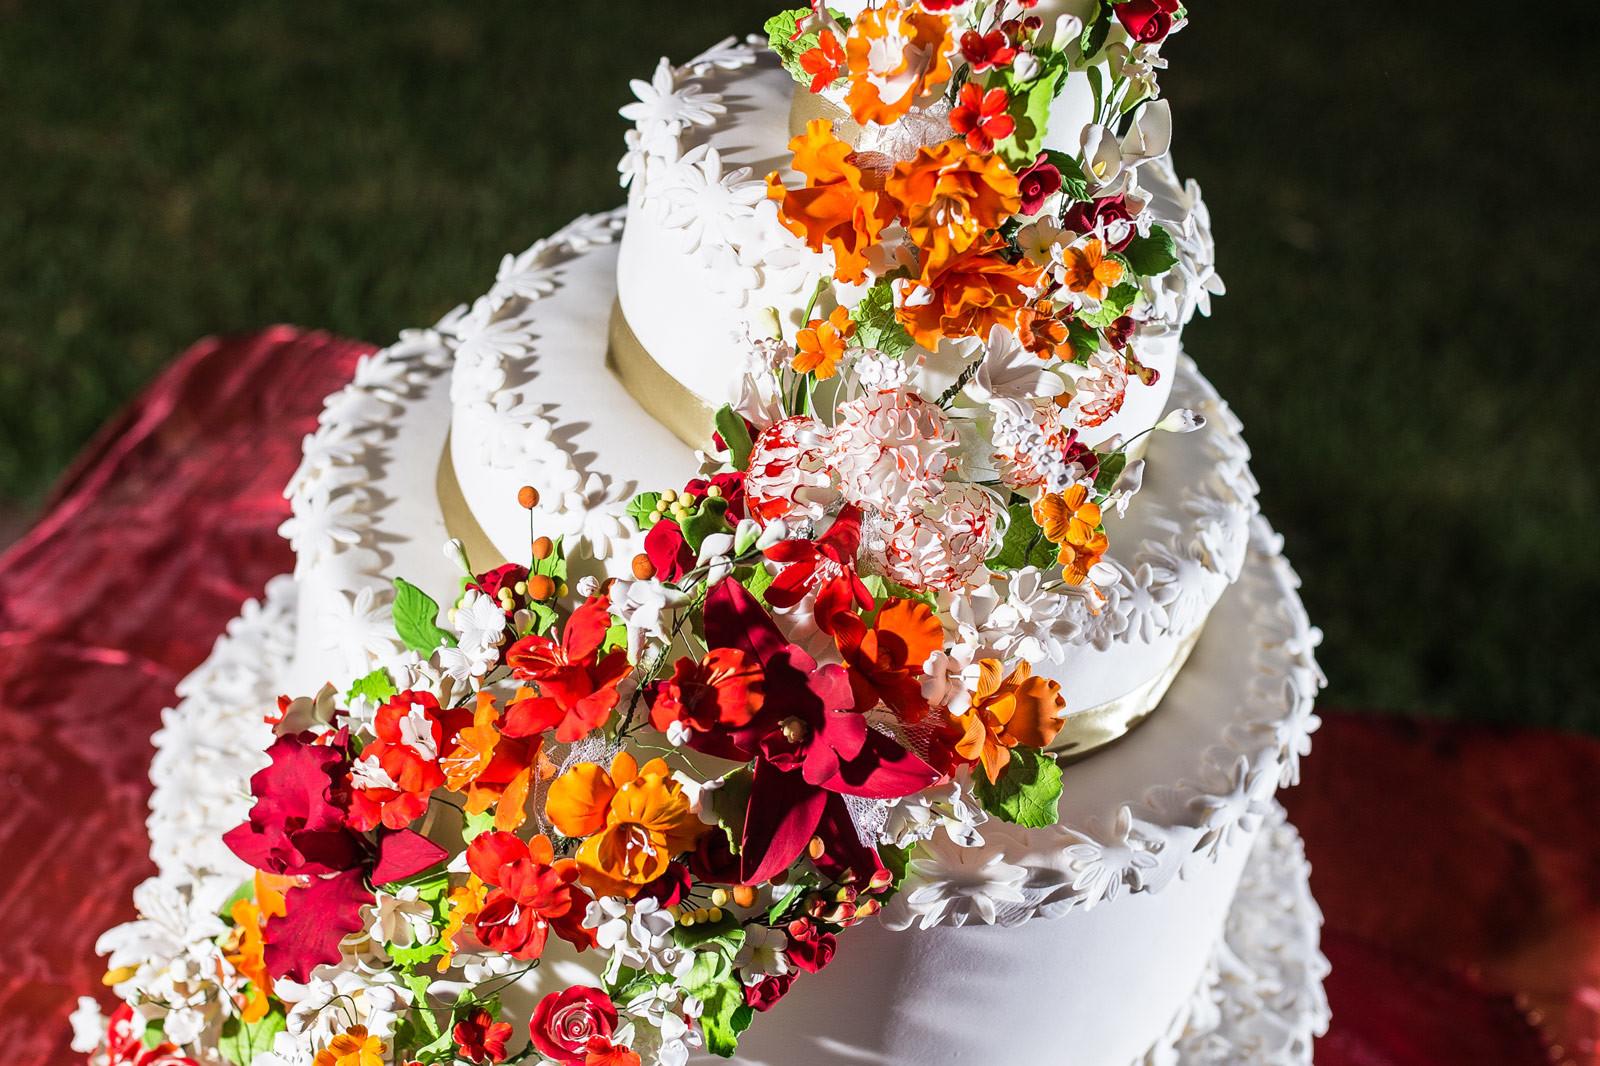 Le torte nuziali 2019: dallo stile rustico, decorate con fiori freschi di lavanda o che lasciano spazio all'eleganza indiscussa del bianco puro.